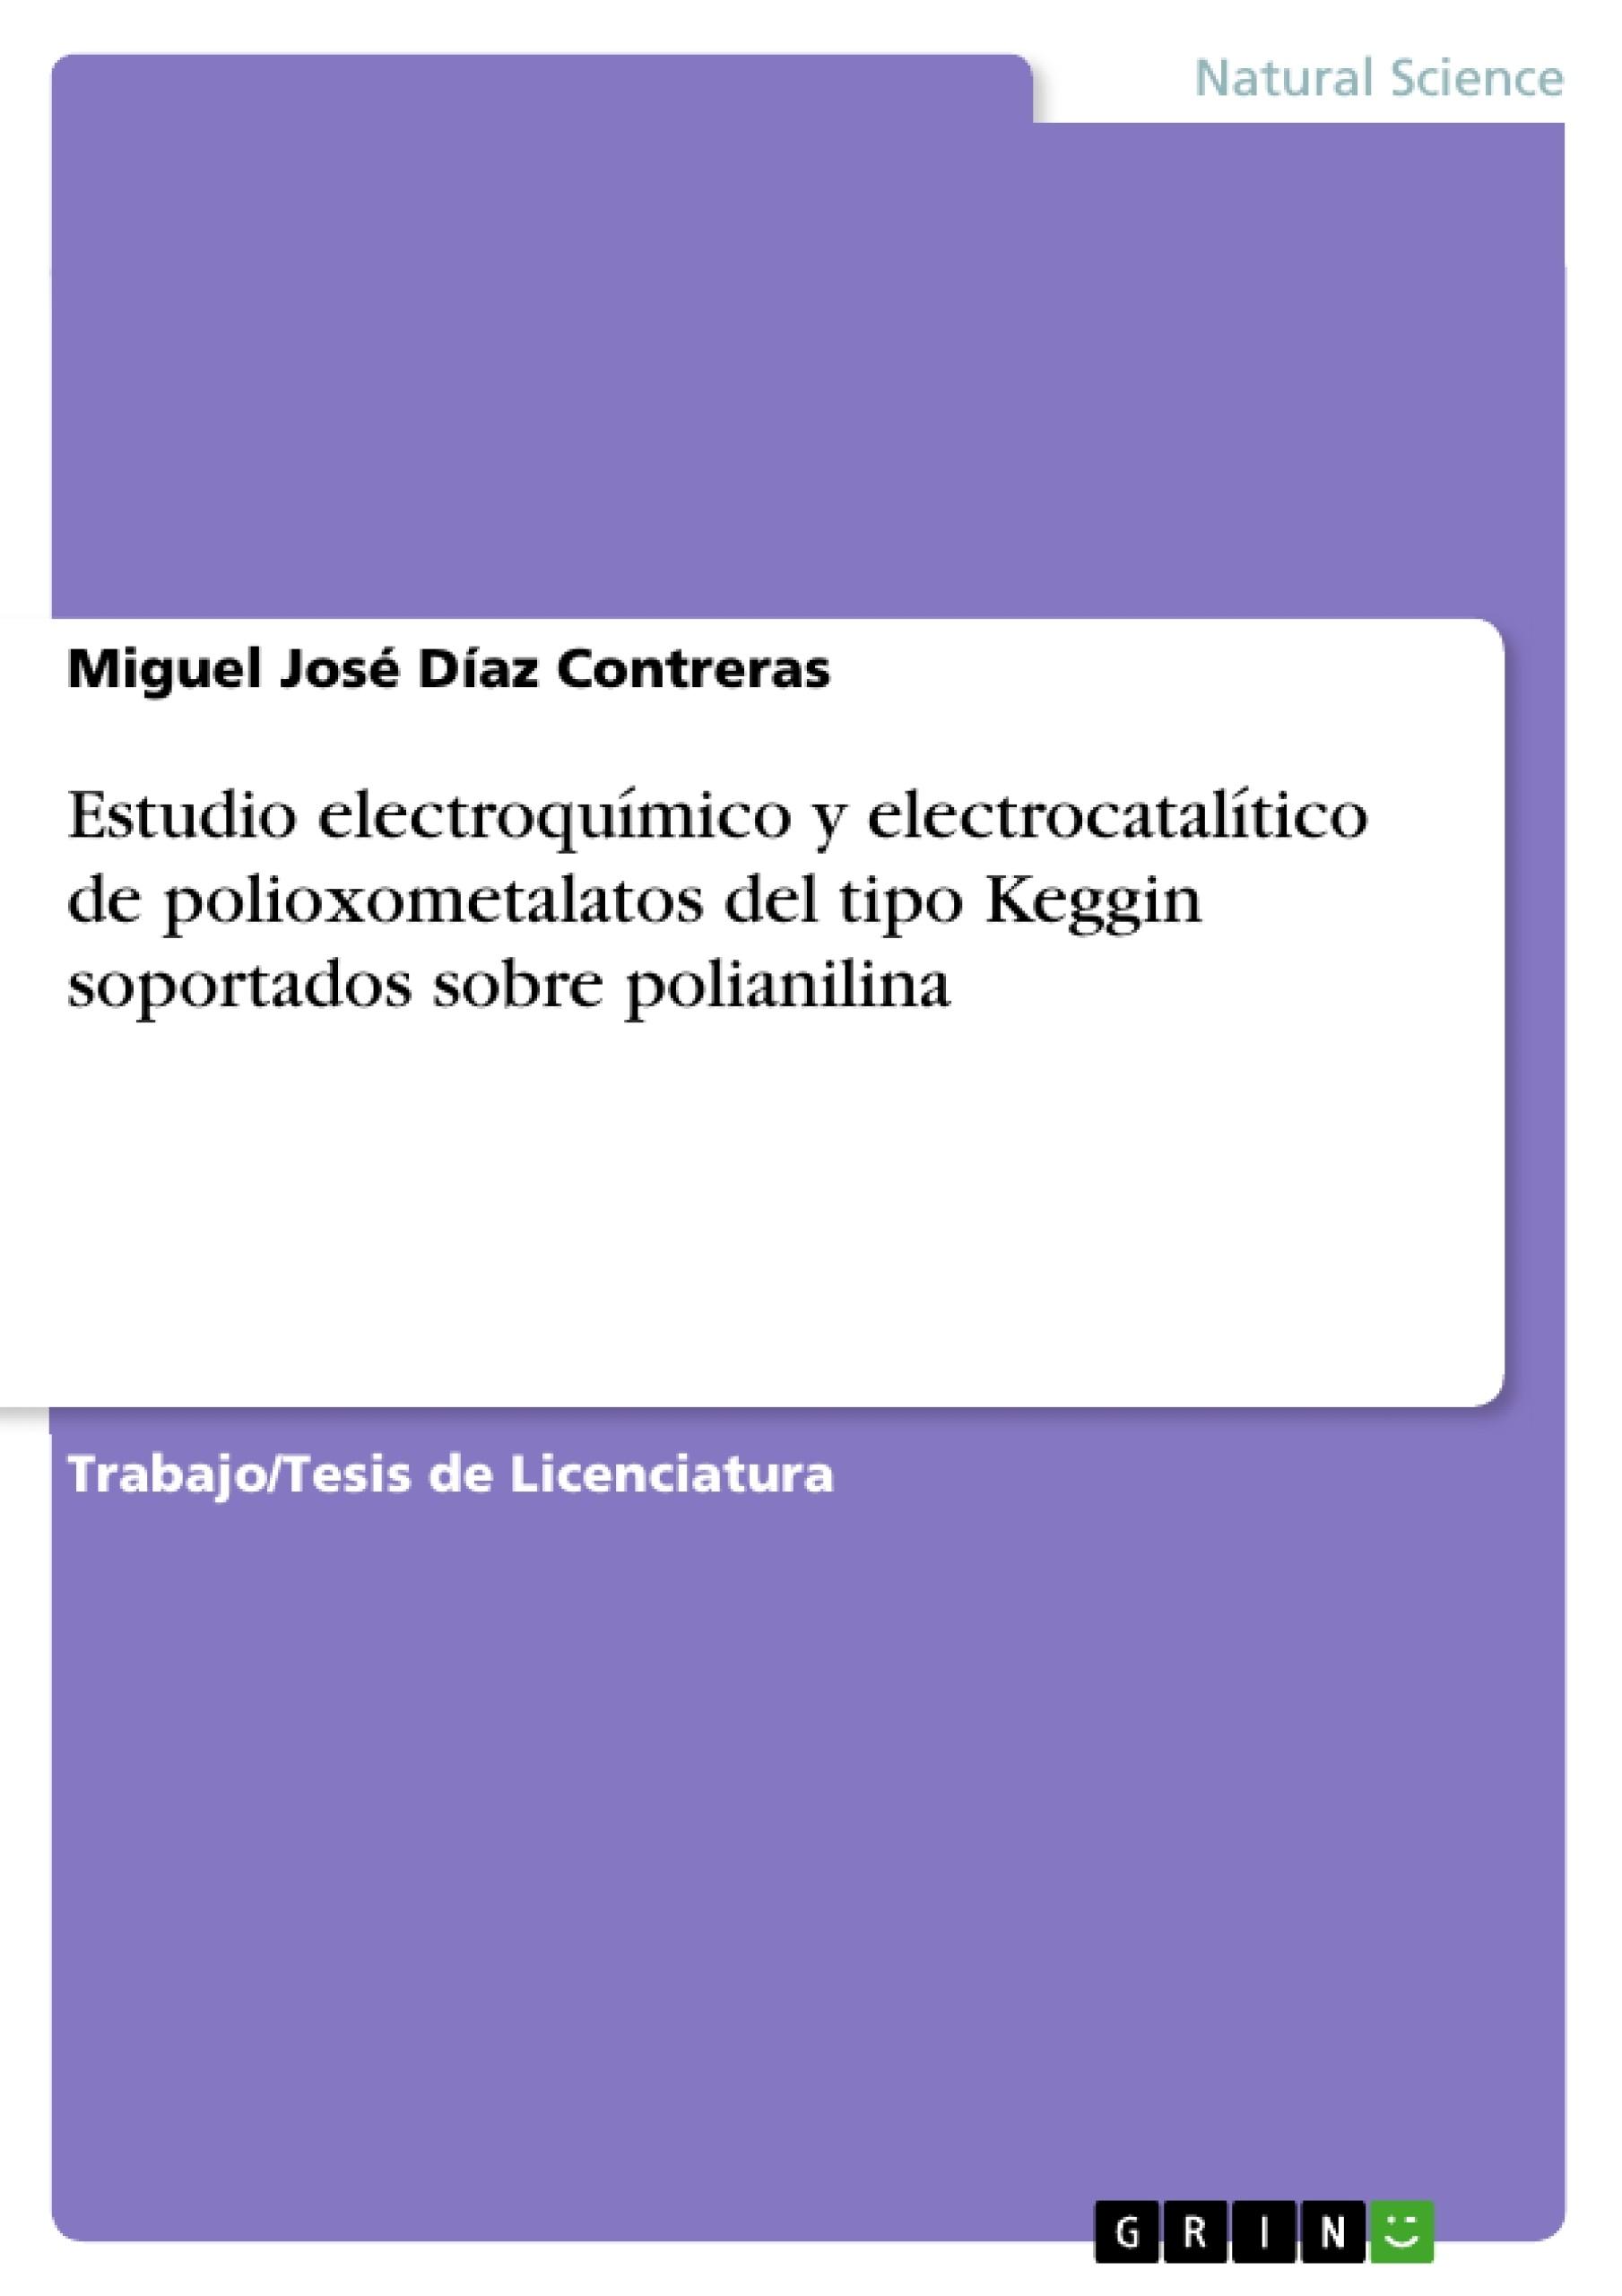 Título: Estudio electroquímico y electrocatalítico de polioxometalatos del tipo Keggin soportados sobre polianilina